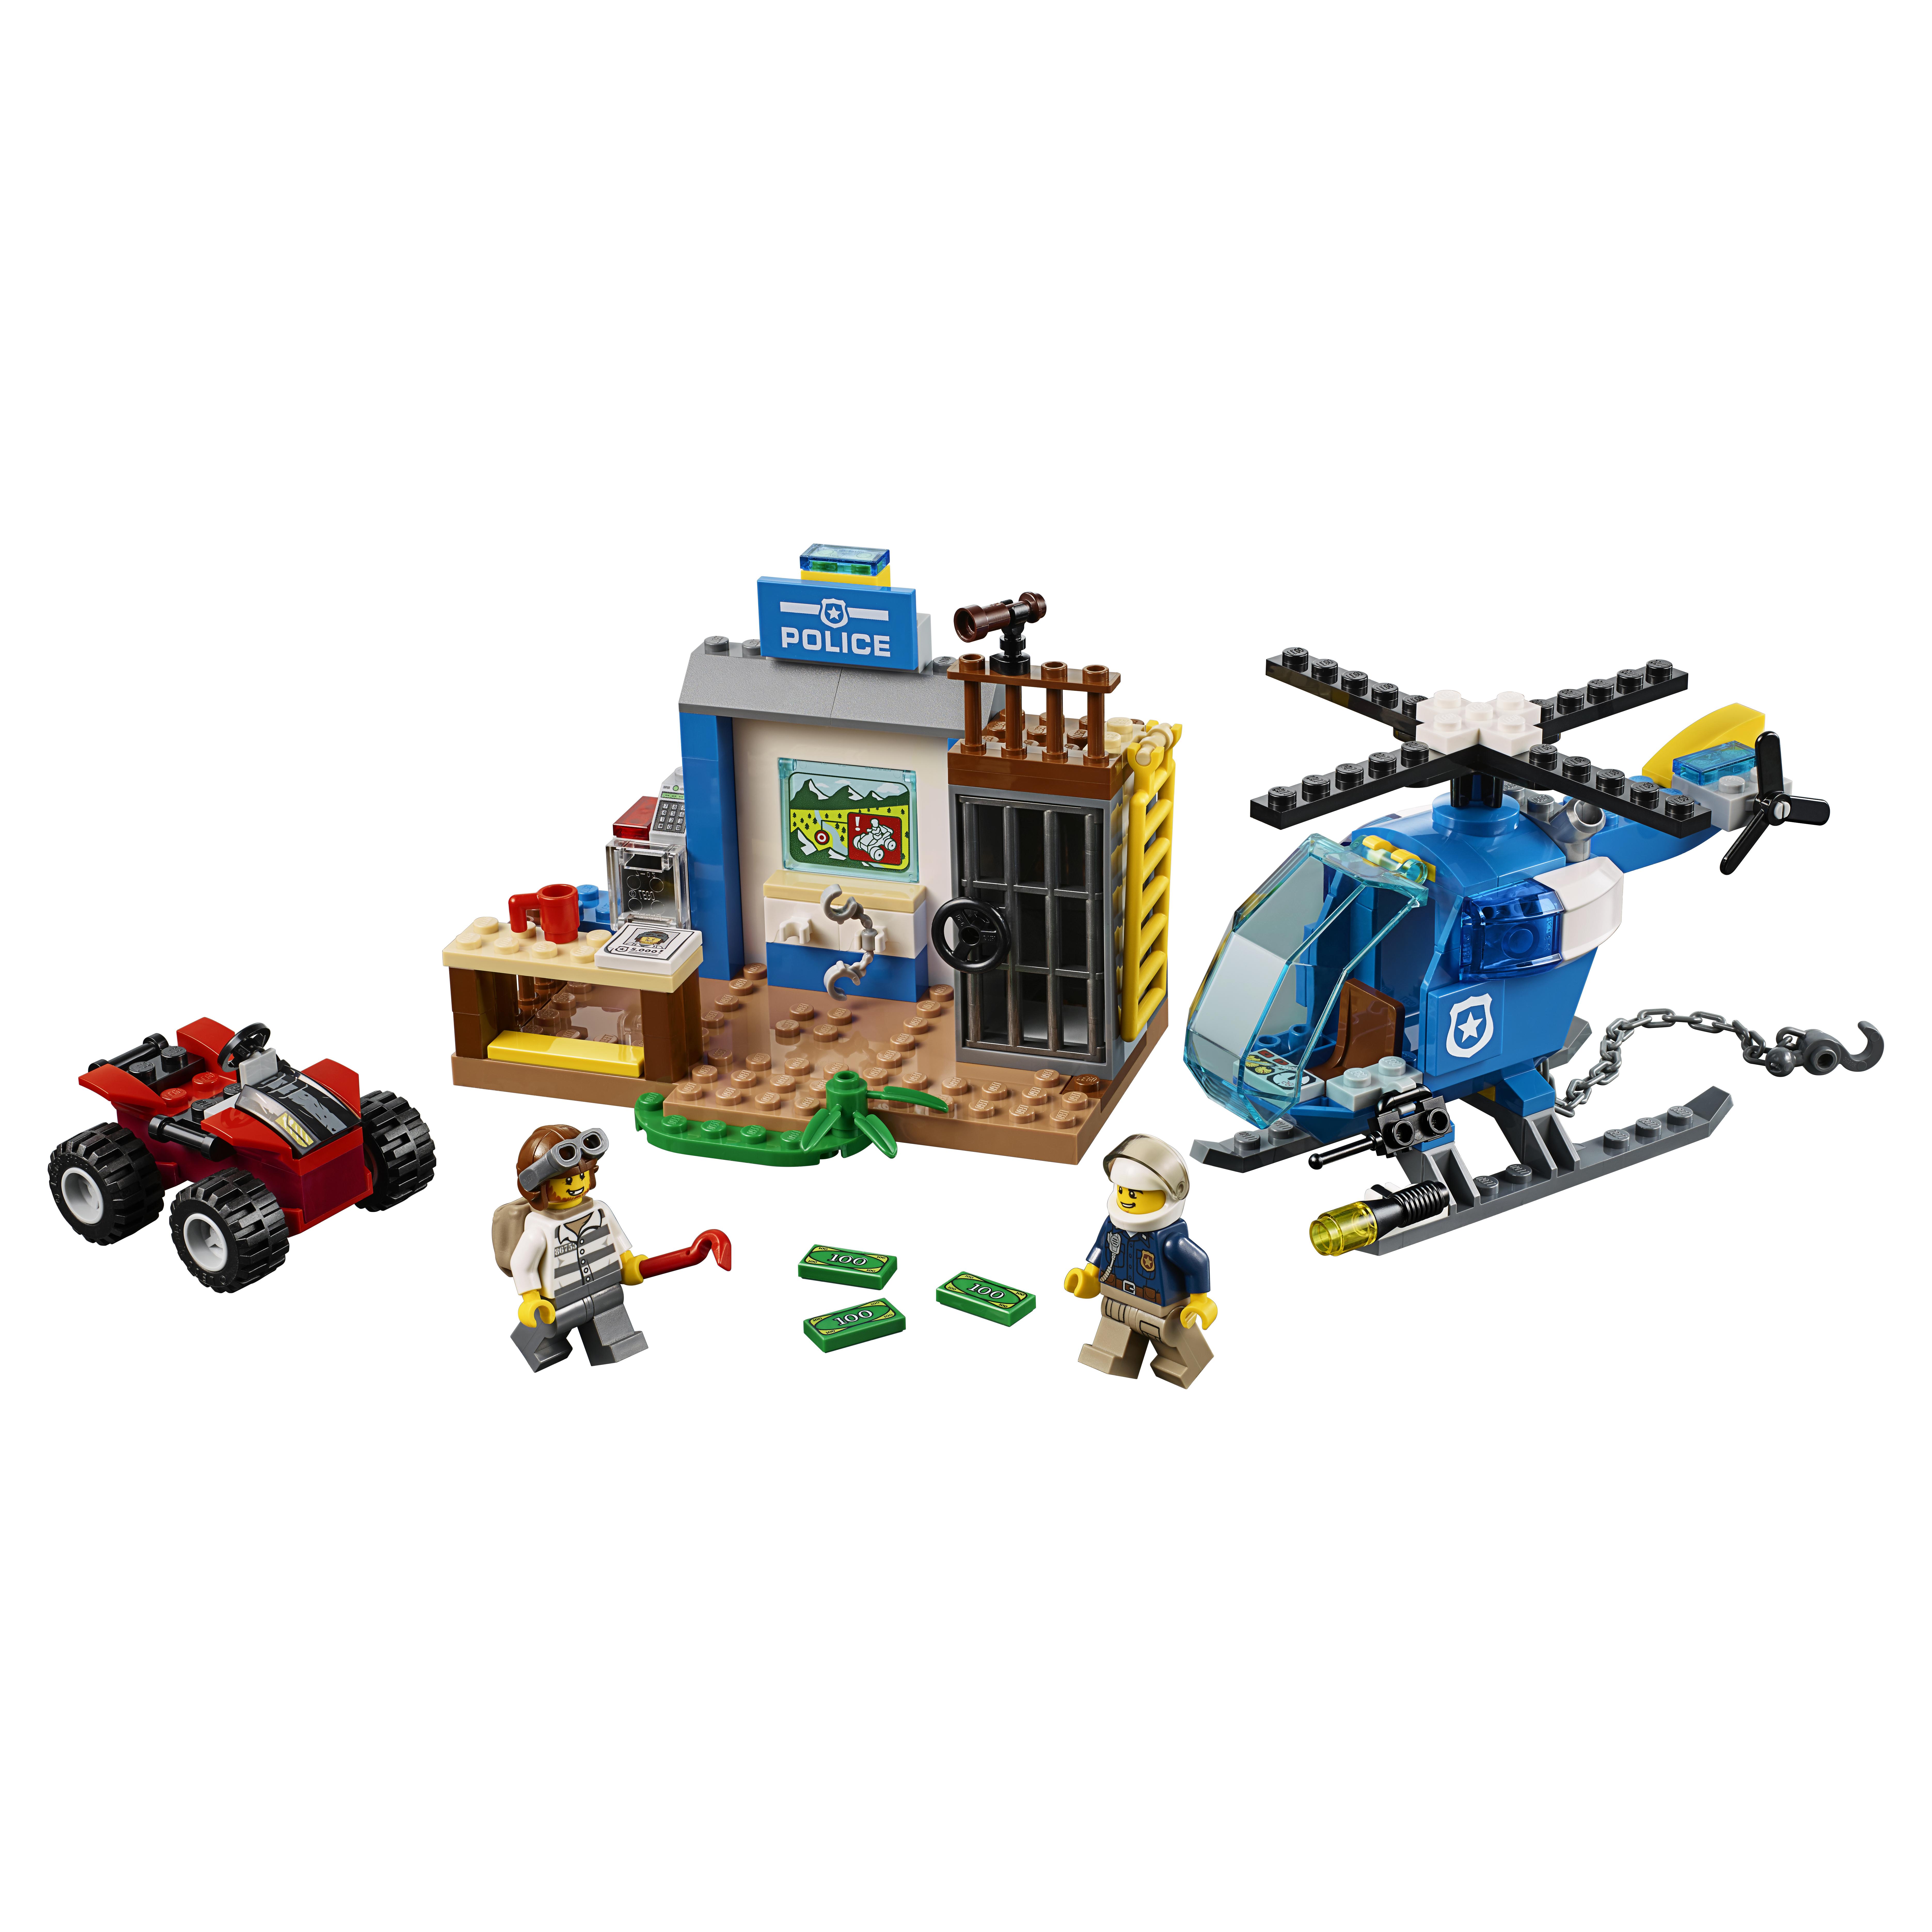 Купить Конструктор lego juniors погоня горной полиции (10751), Конструктор LEGO Juniors Погоня горной полиции (10751), LEGO для мальчиков